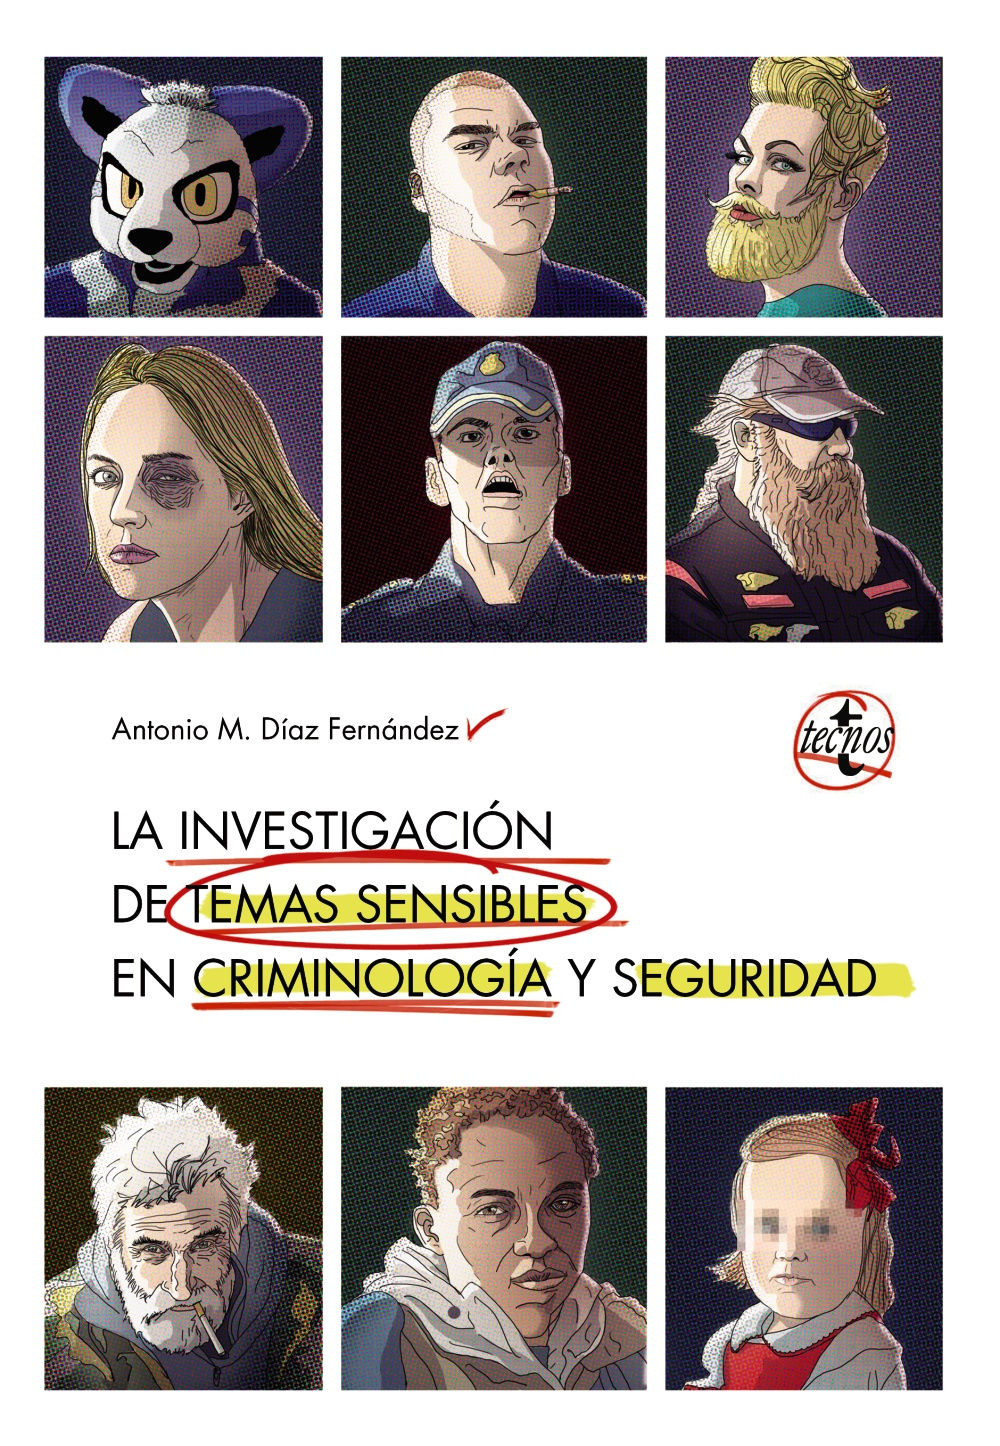 La investigación en temas sensibles en criminología y seguridad